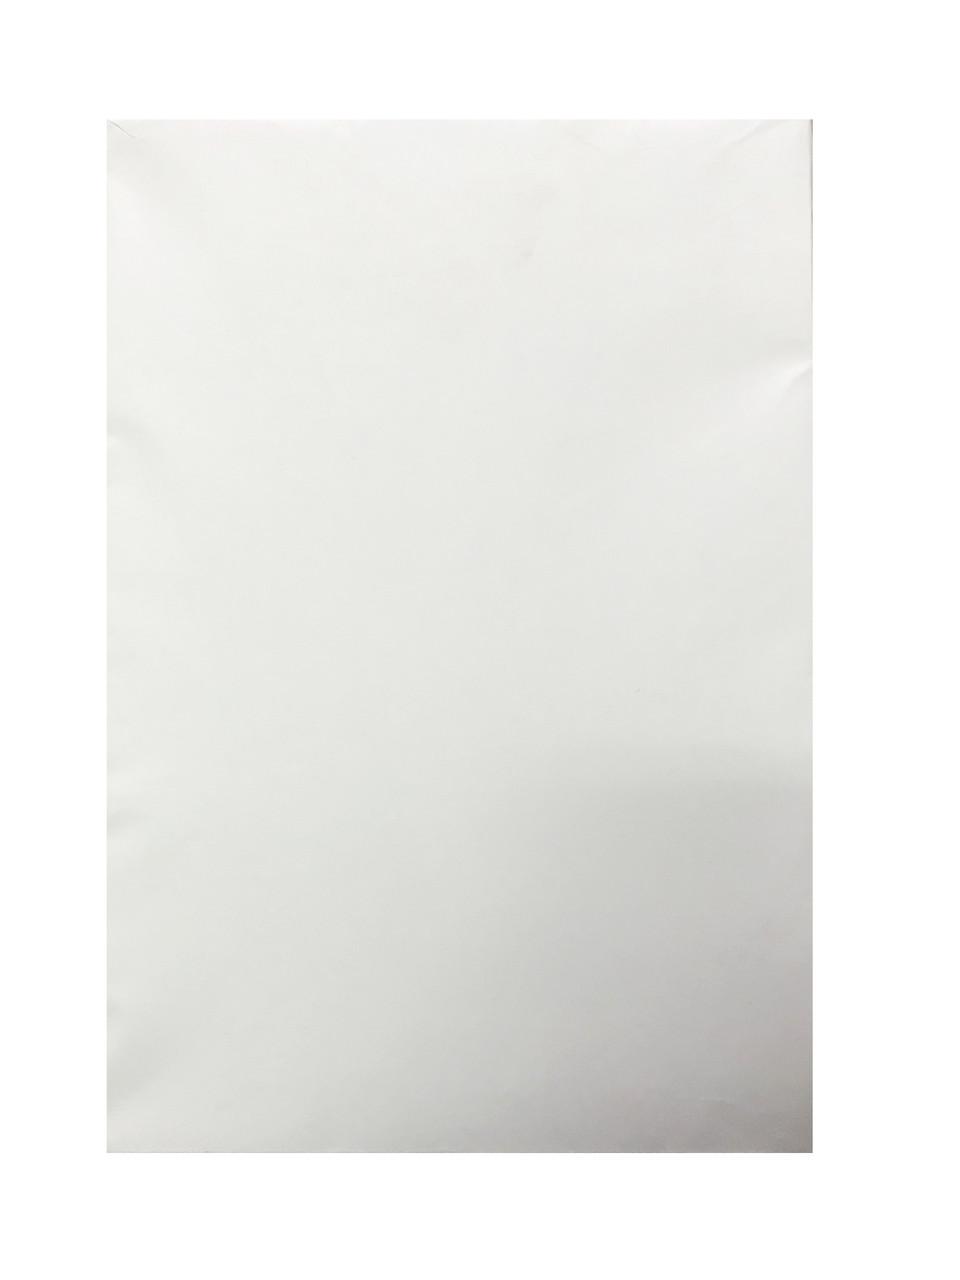 Бумага офисная А4, 500 листов, плотность - 60 мг